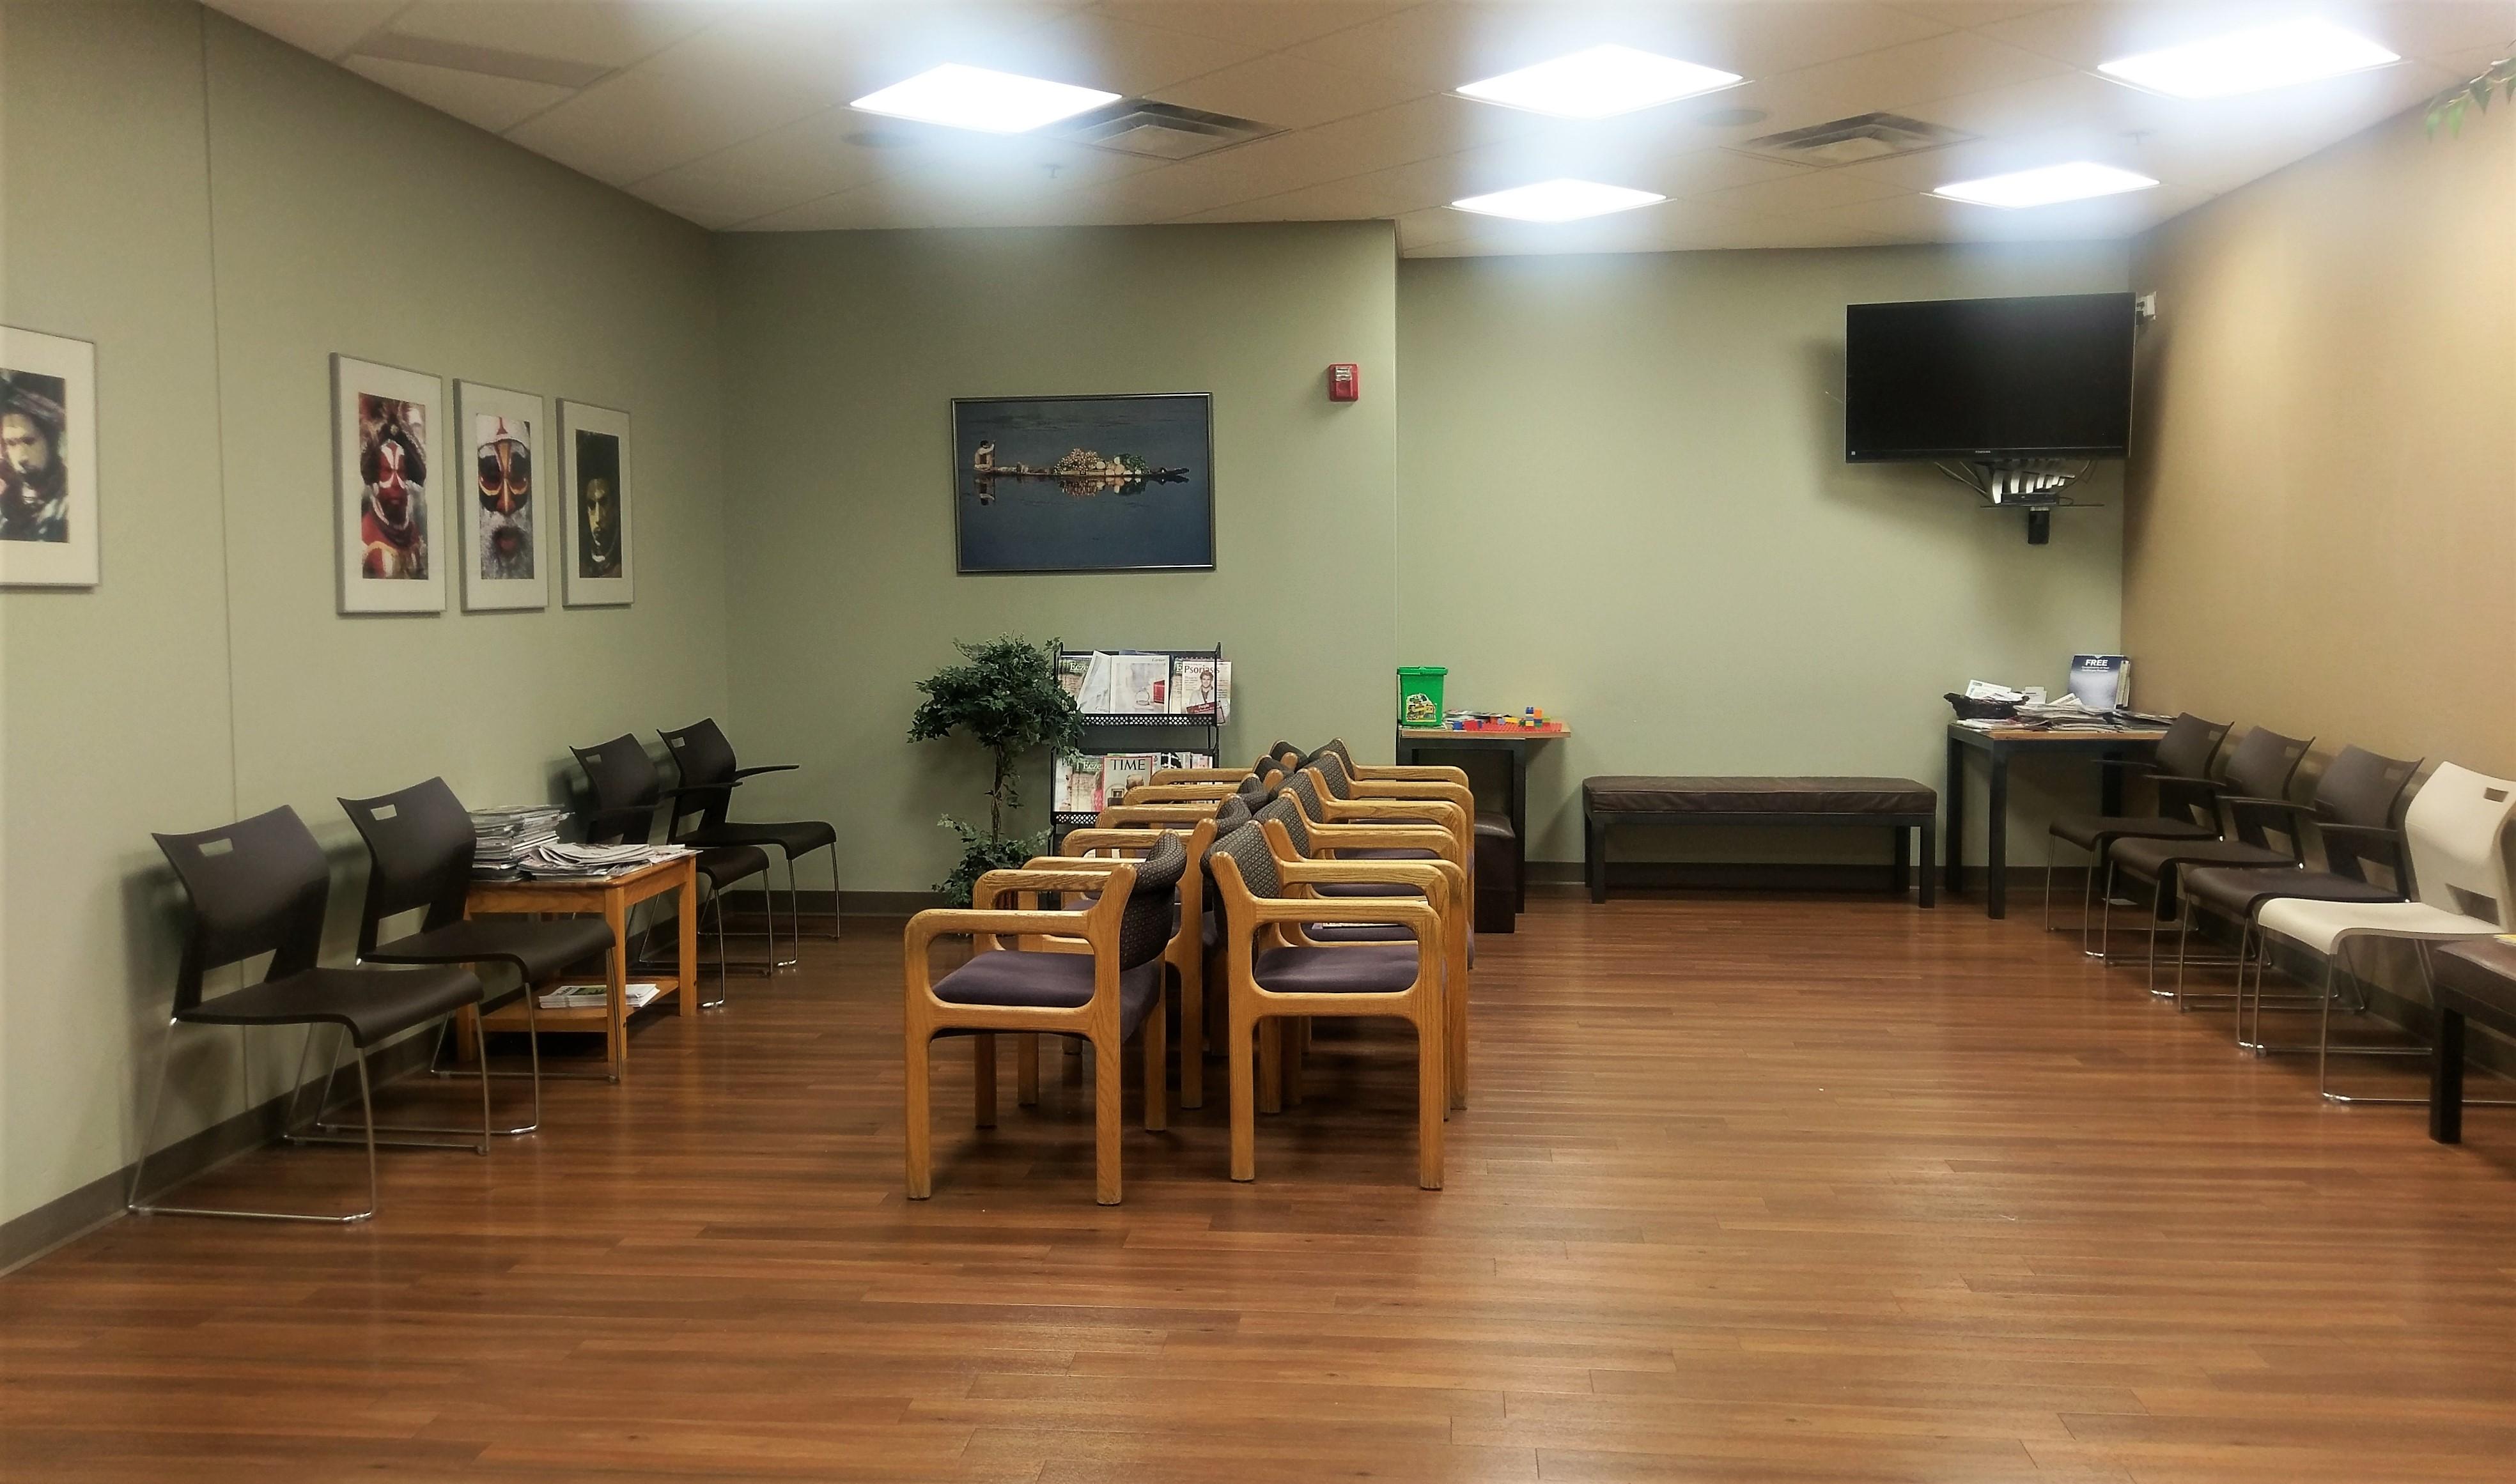 Dermatological Care, Inc. Waiting Area